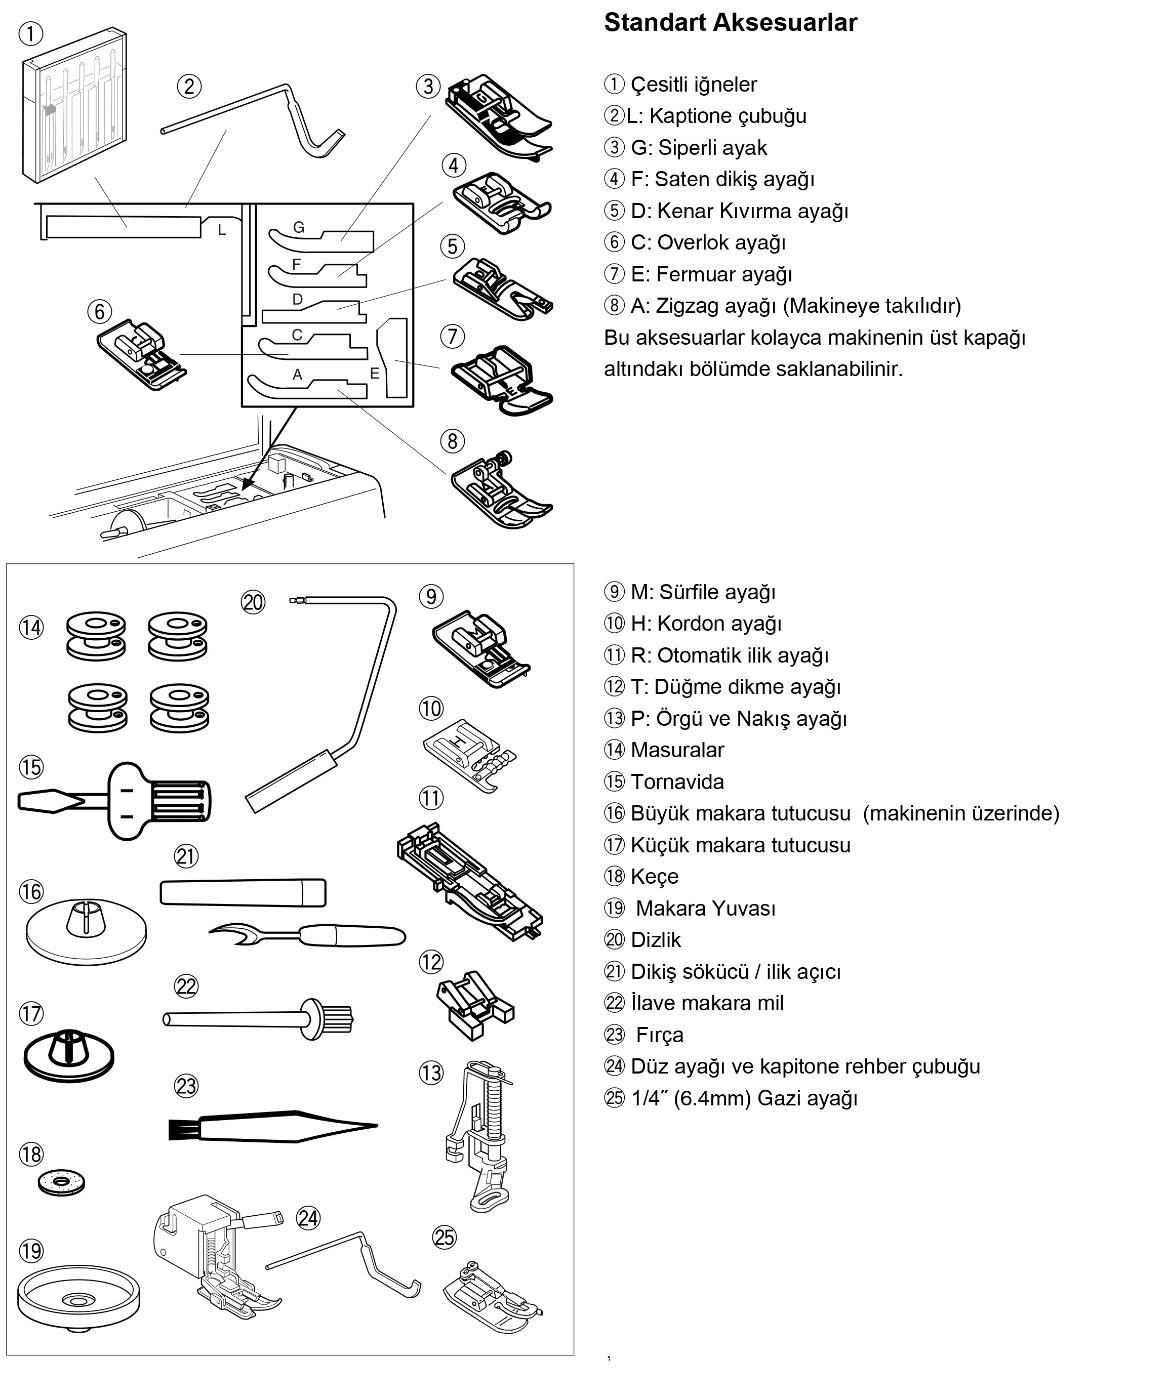 Janome MC 4900 Elektronik Dikiş, Nakış Makinasındaki Aksesuarlar ve Ayaklar